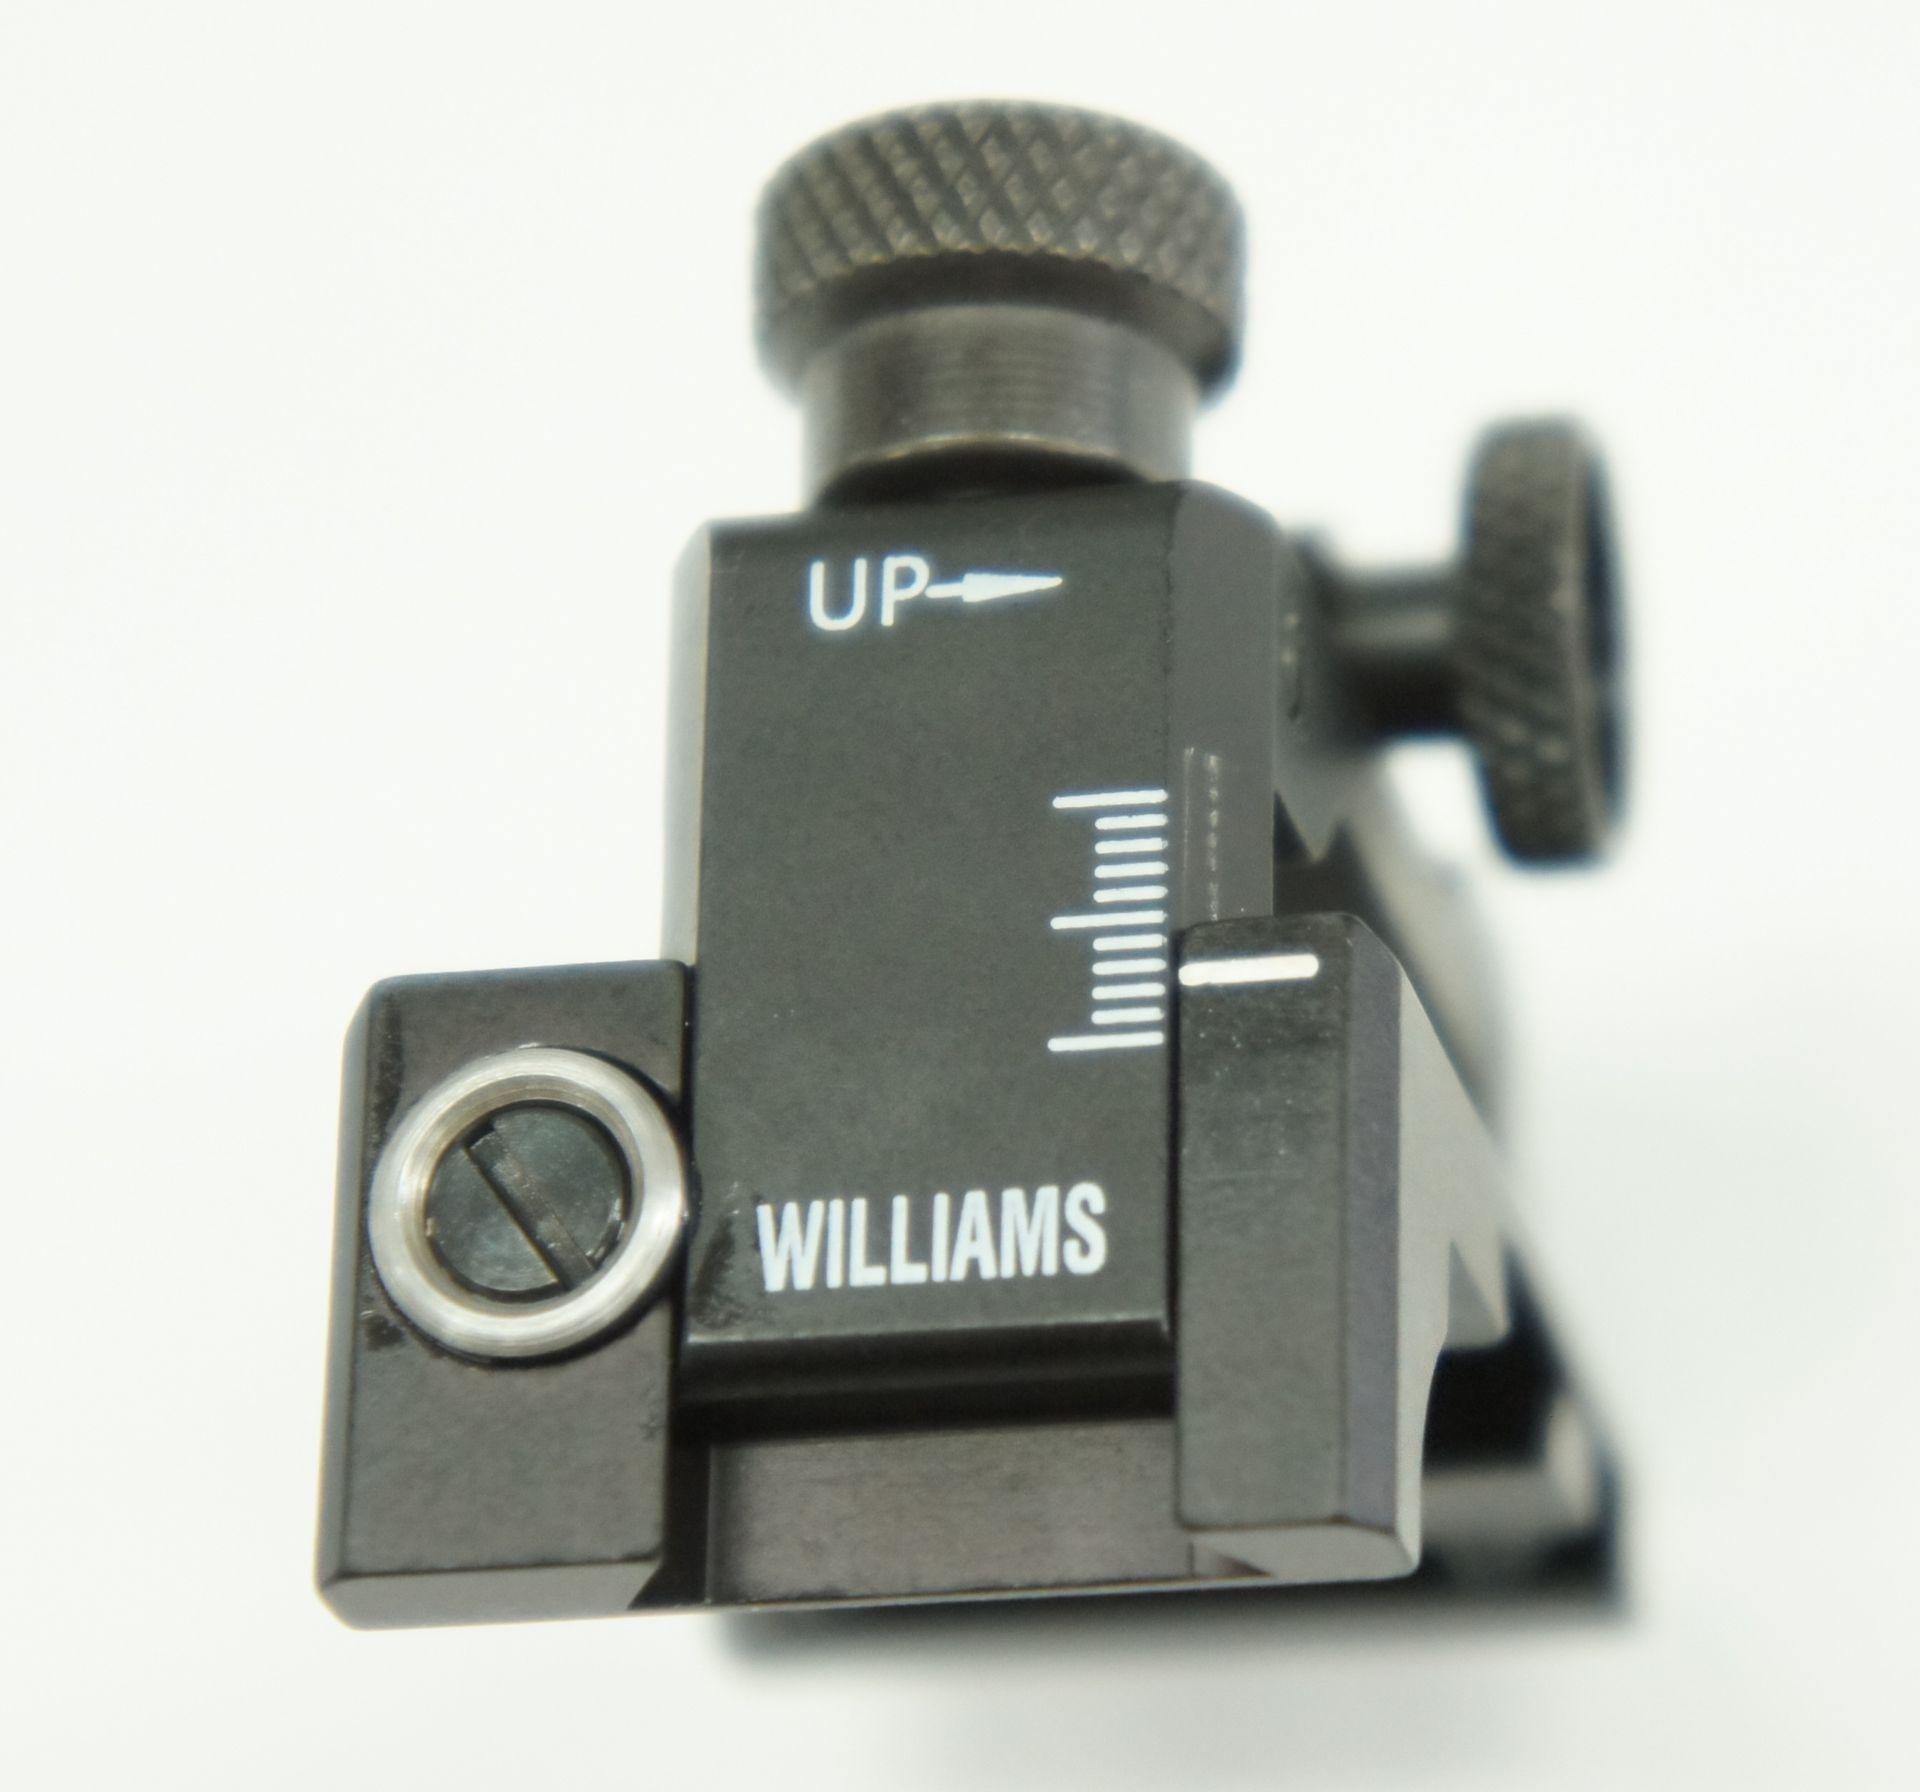 Peep Sight von Williams, Lochkimme